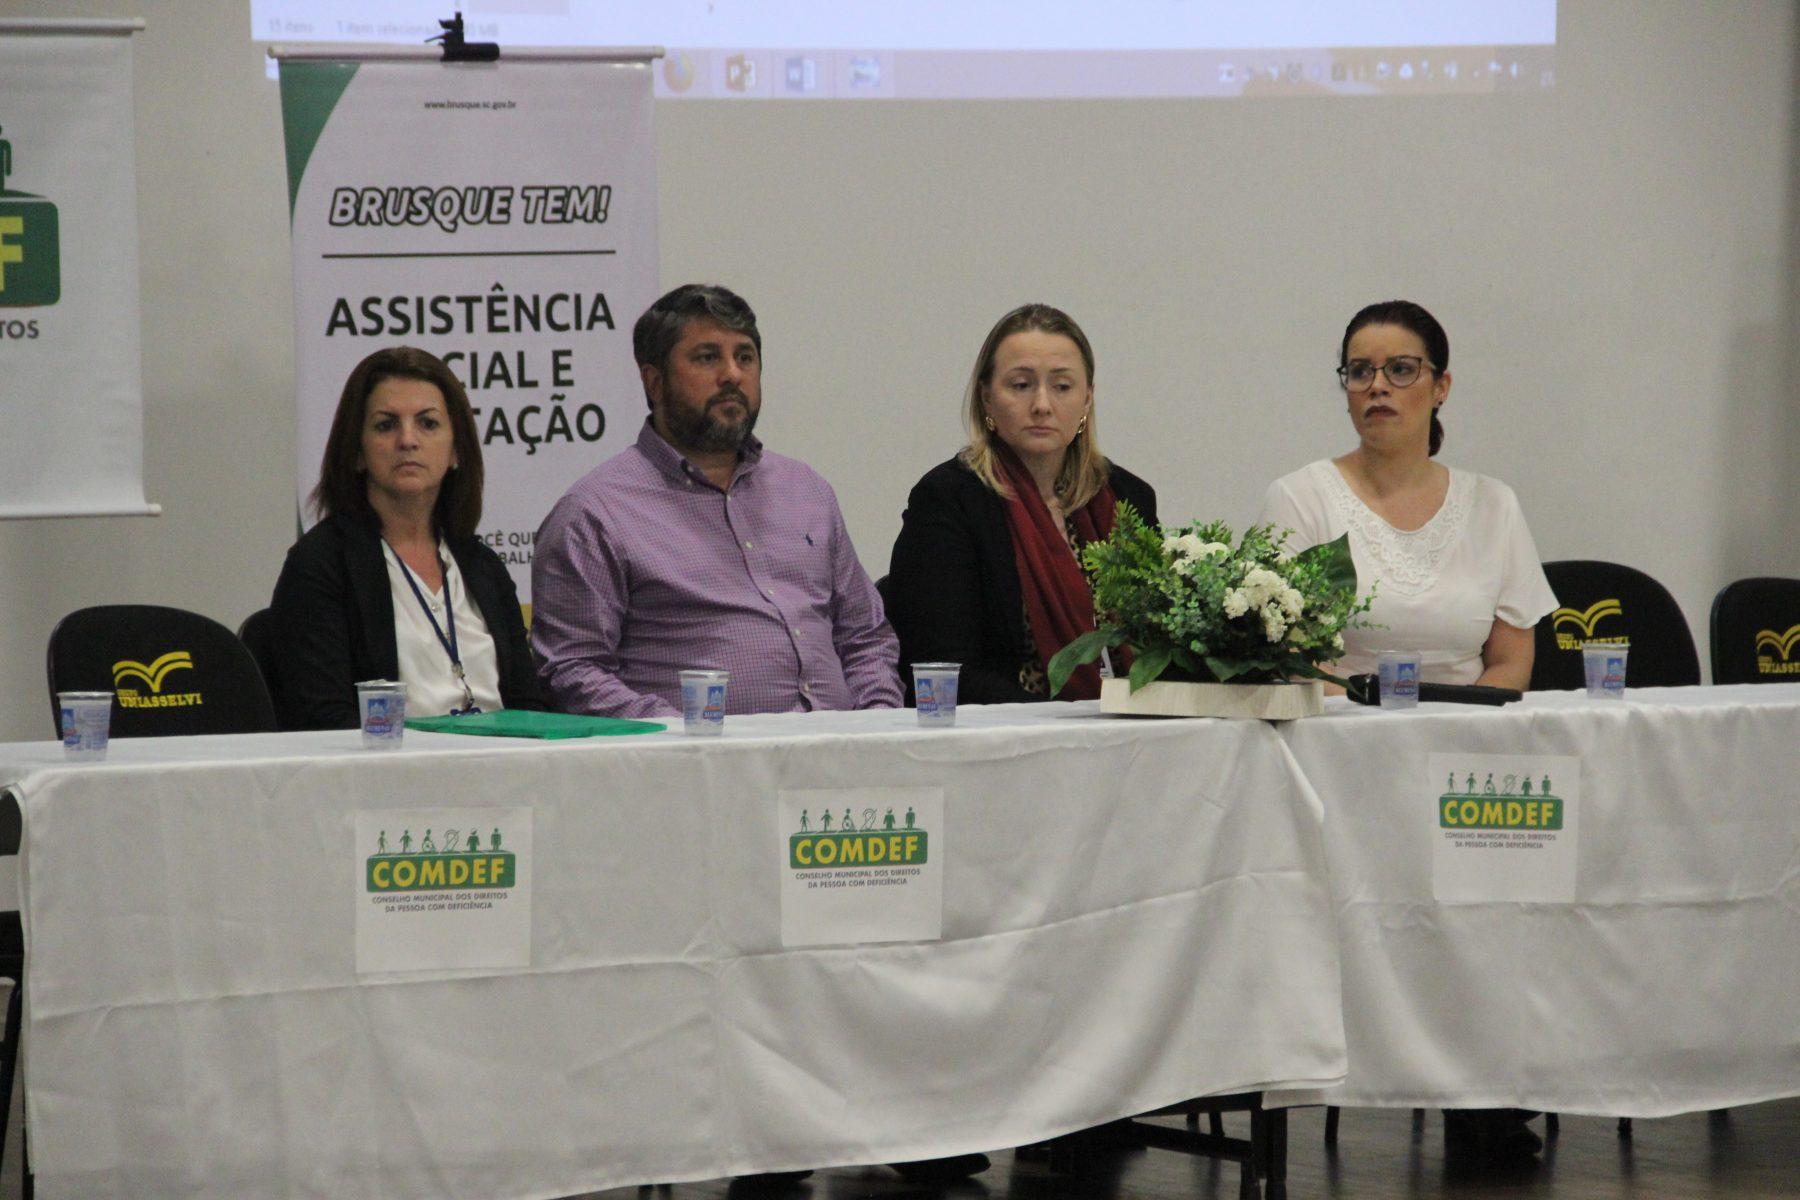 Prefeitura promove seminário sobre os direitos da pessoa com deficiência